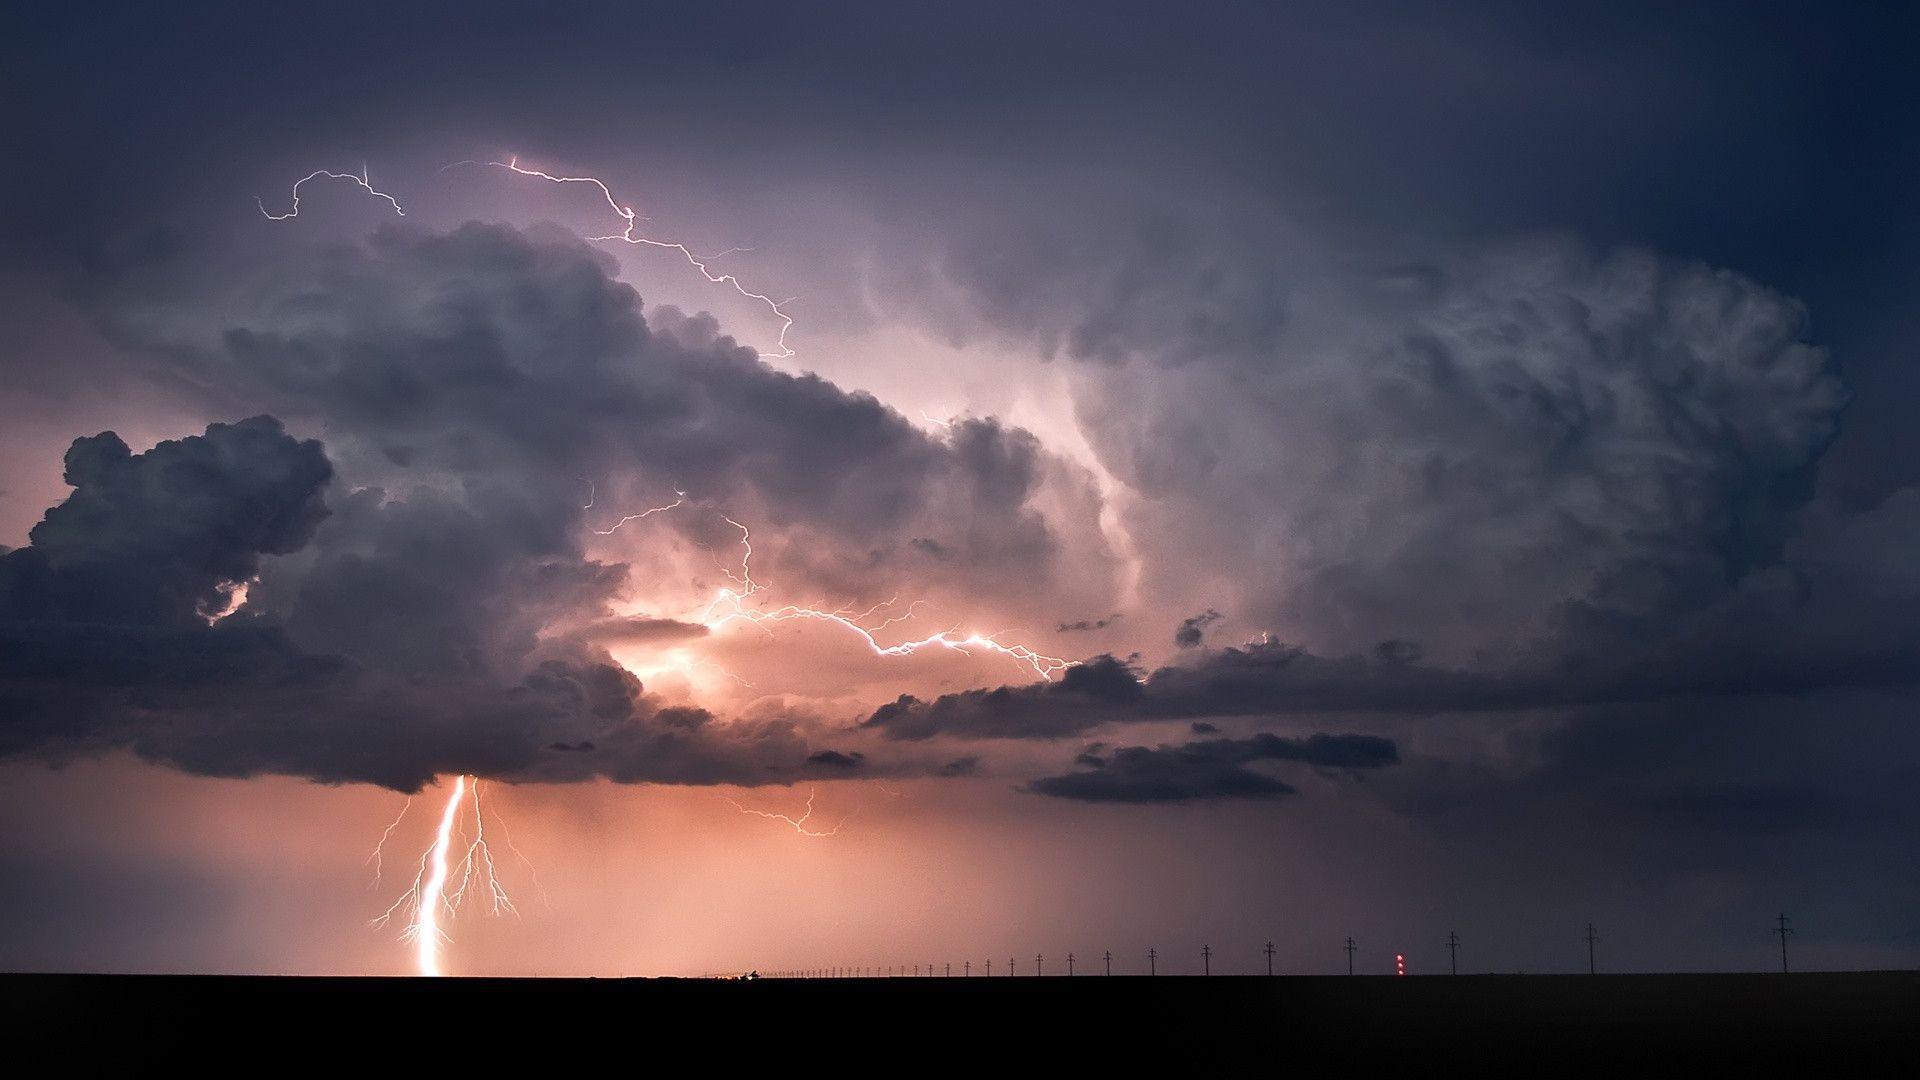 lightning strike wallpaper - photo #4